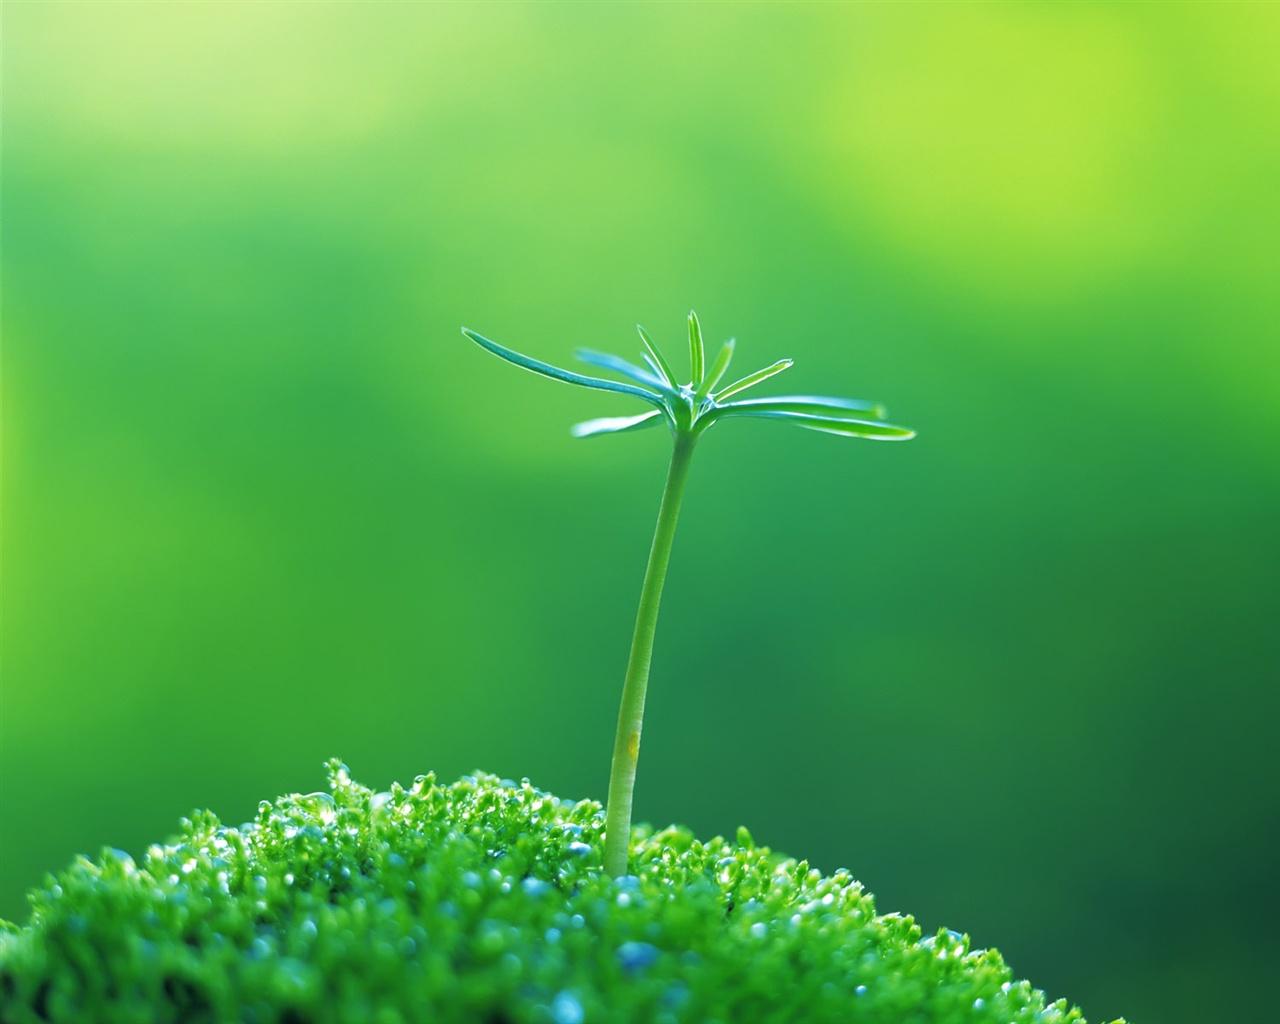 壁纸 春天的绿芽 1920x1200 HD 高清壁纸, 图片, 照片